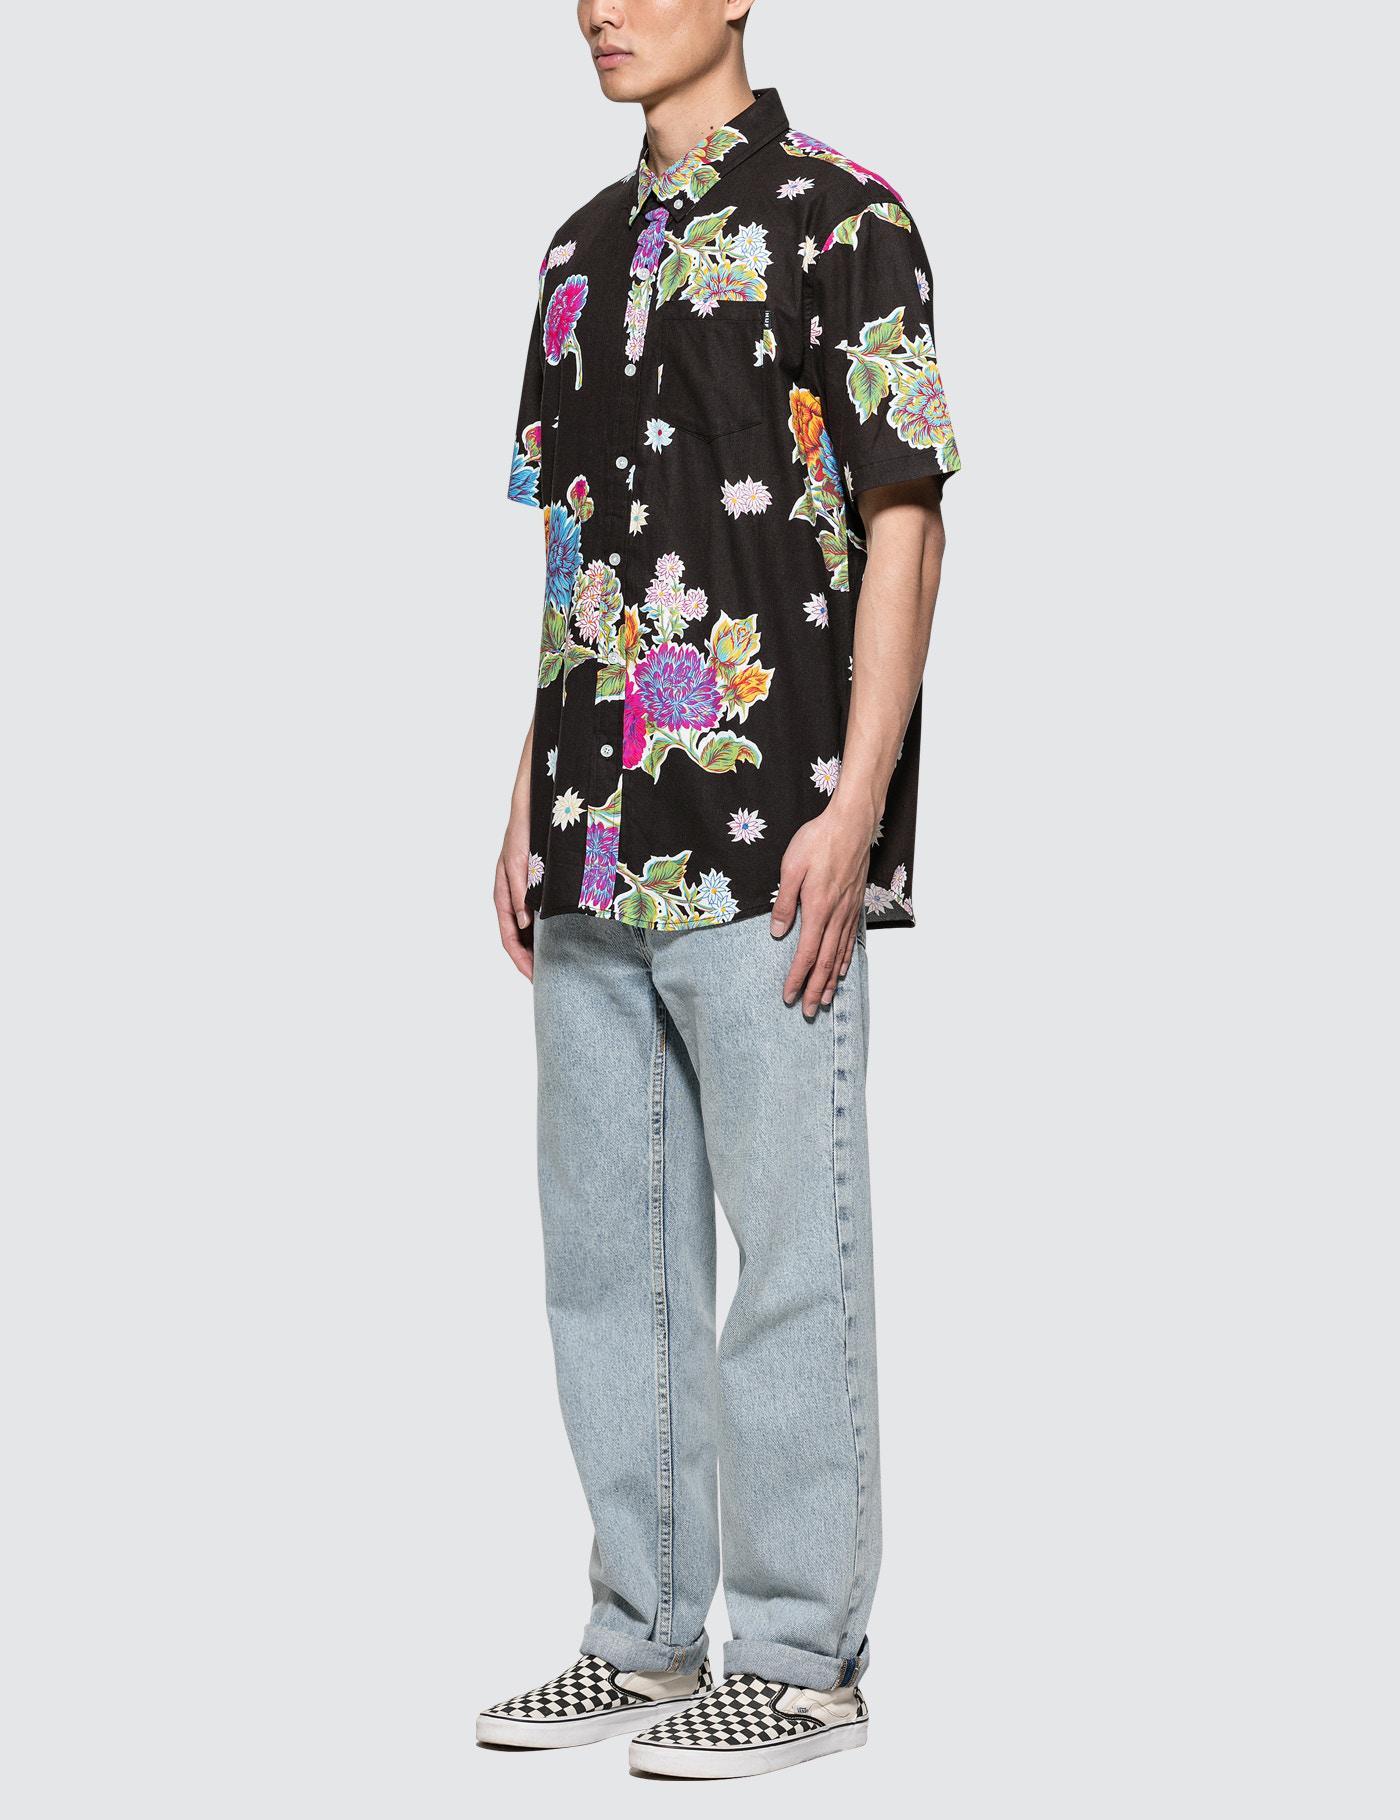 c4c6eac01c8f2 Huf Botanica Floral S/s Shirt in Black for Men - Lyst